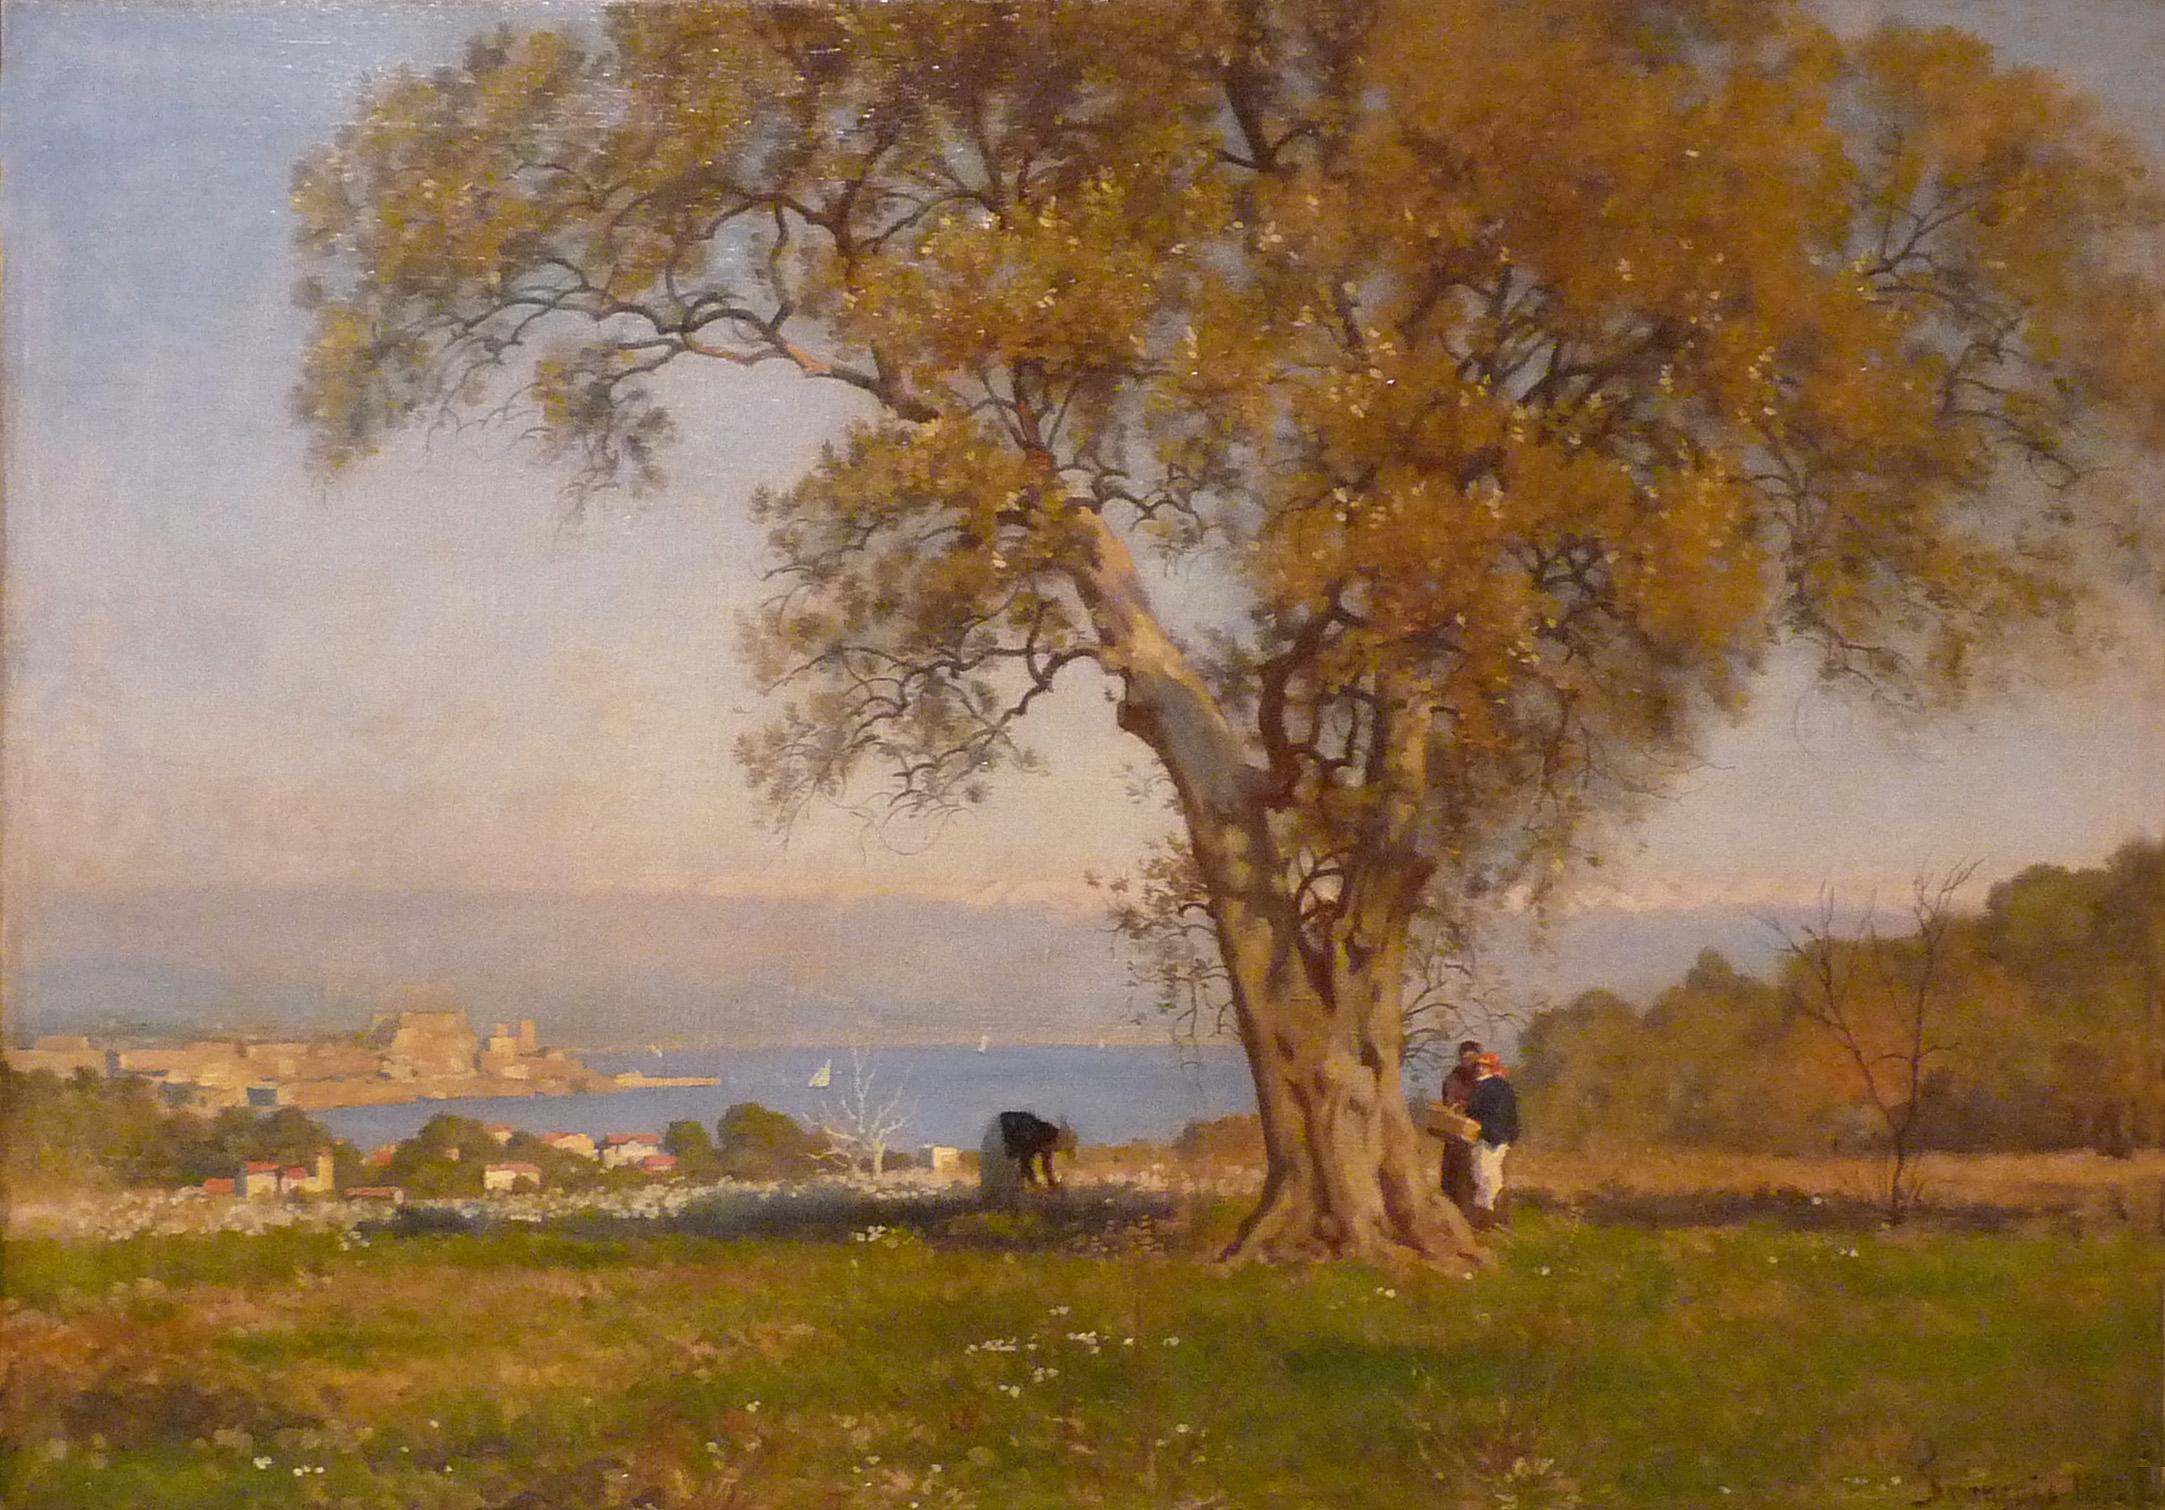 File:François-Louis Français-Vue d\'Antibes.jpg - Wikimedia Commons